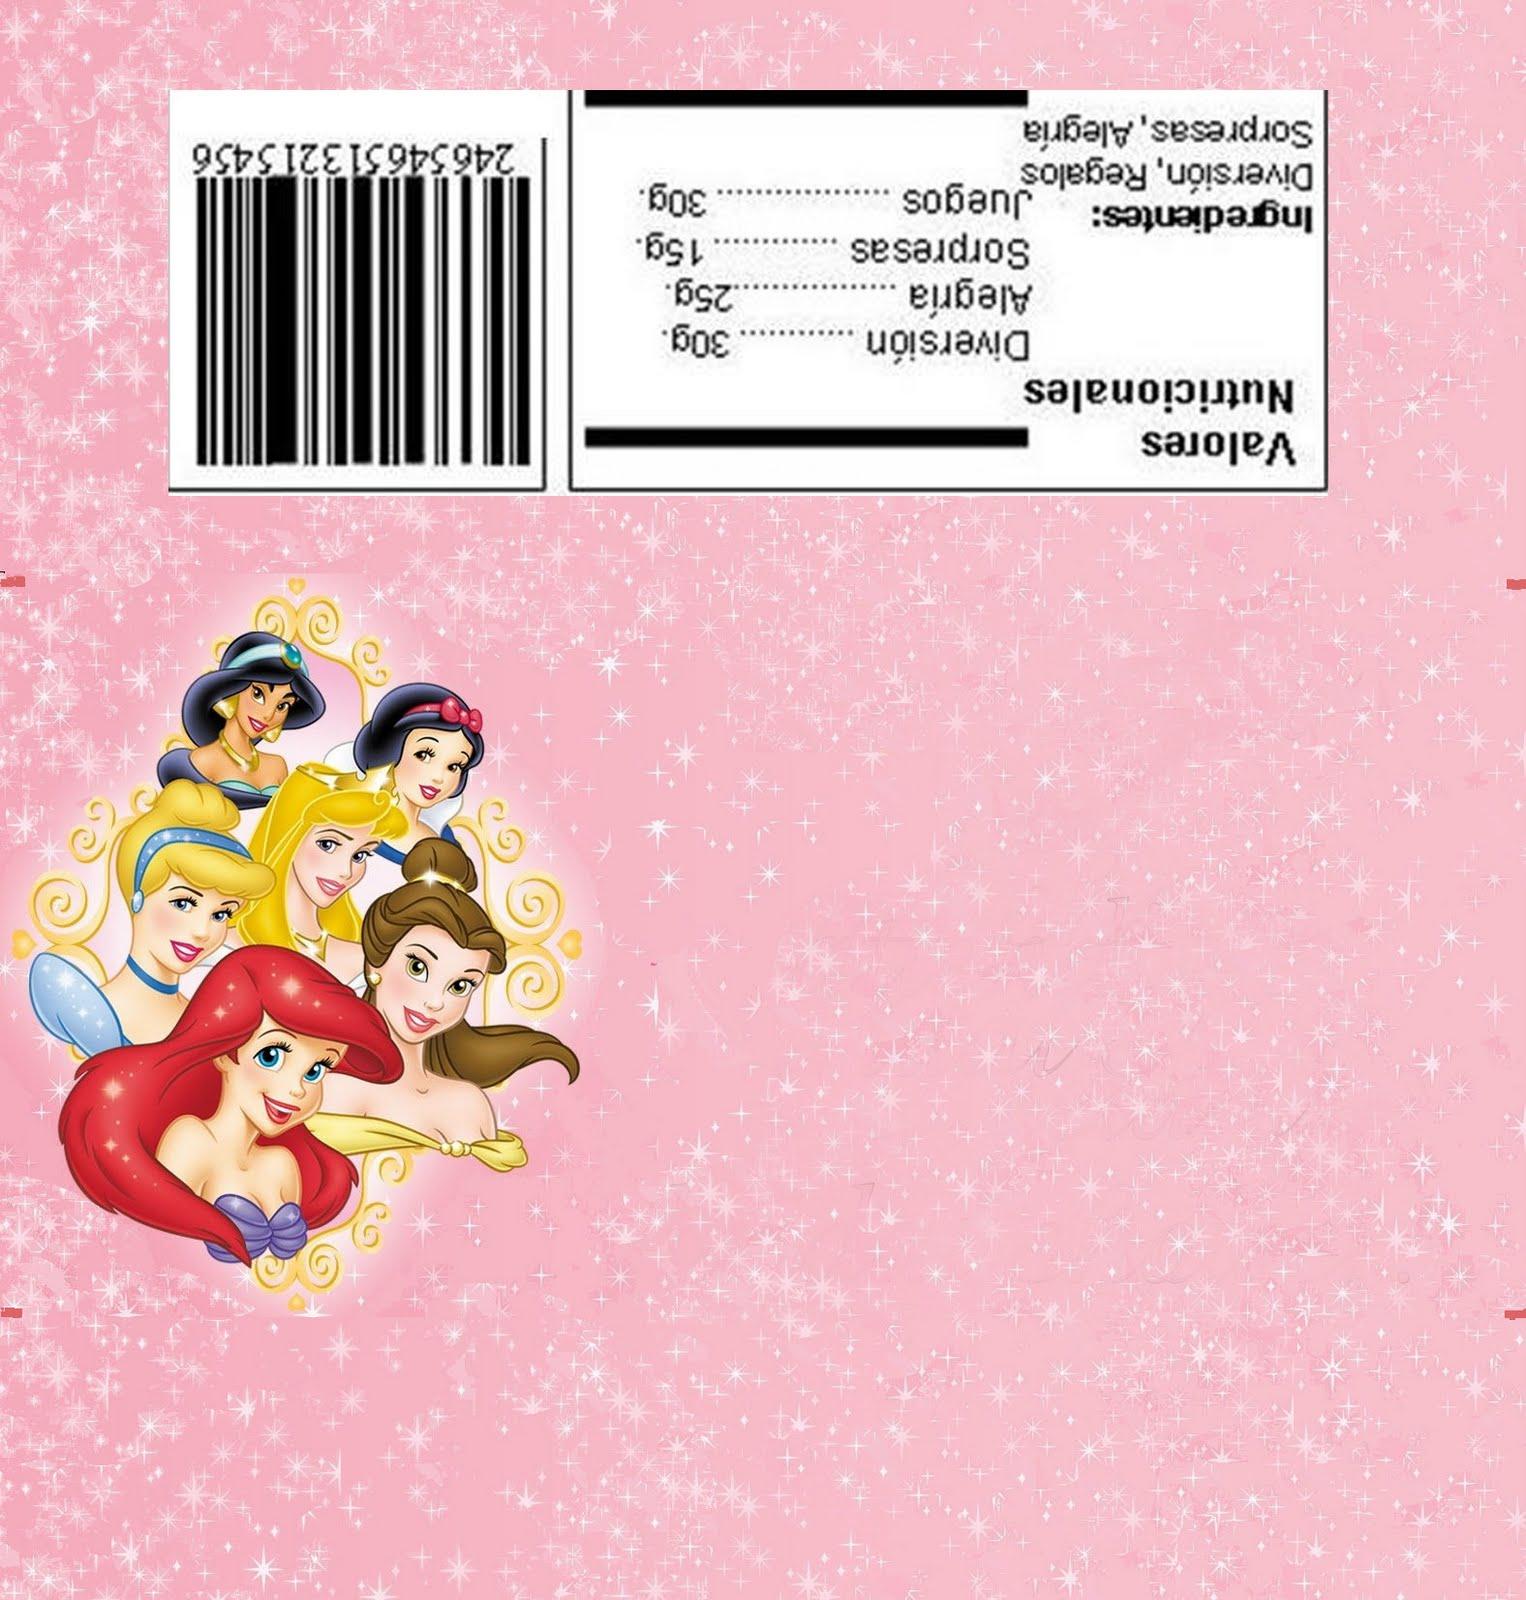 Etiquetas para chocolates baby shower para imprimir gratis - Imagui